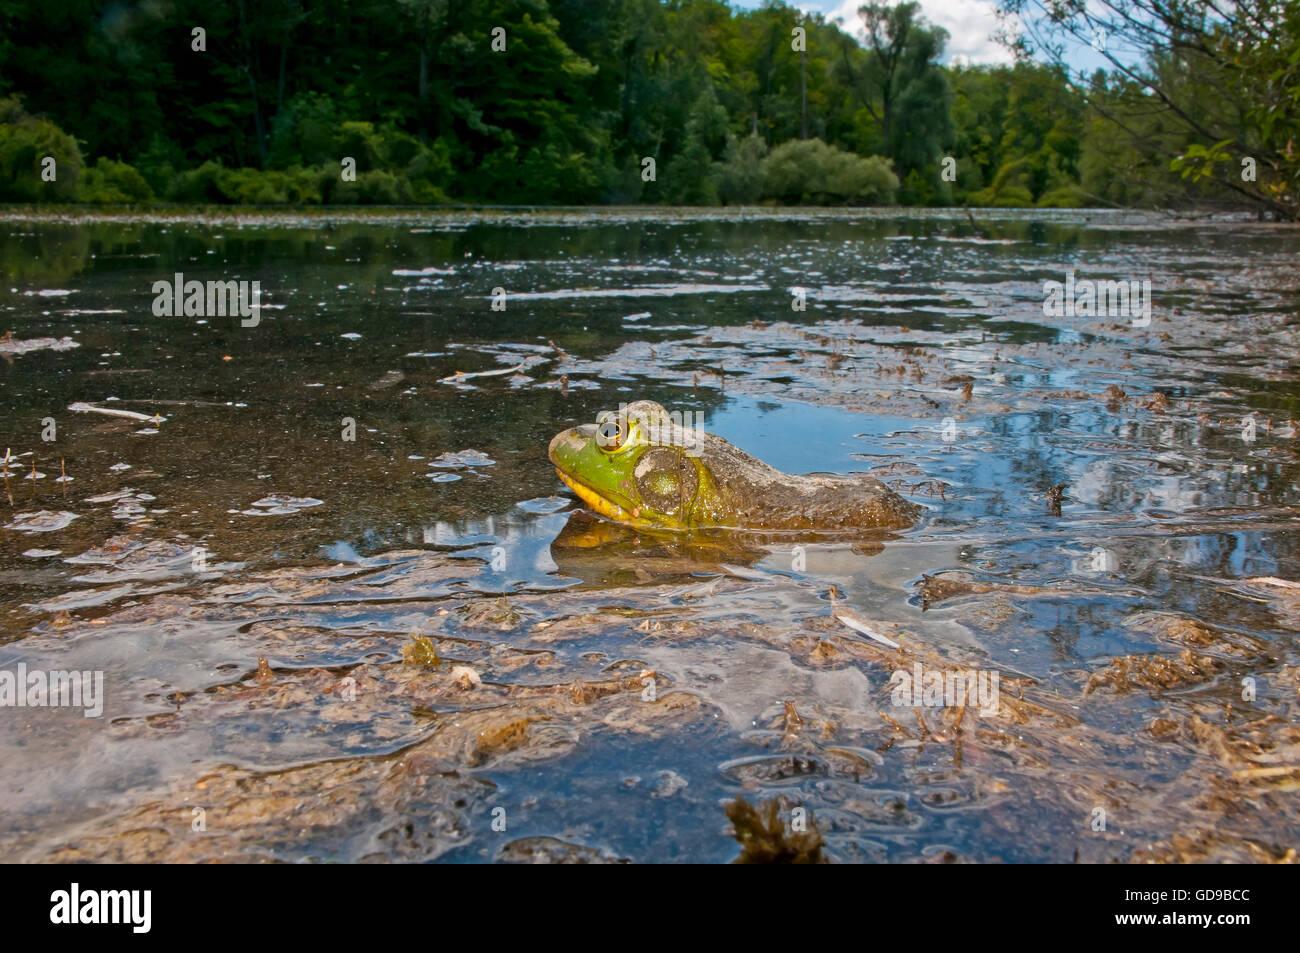 Rana en un pantano, Norteamérica Imagen De Stock